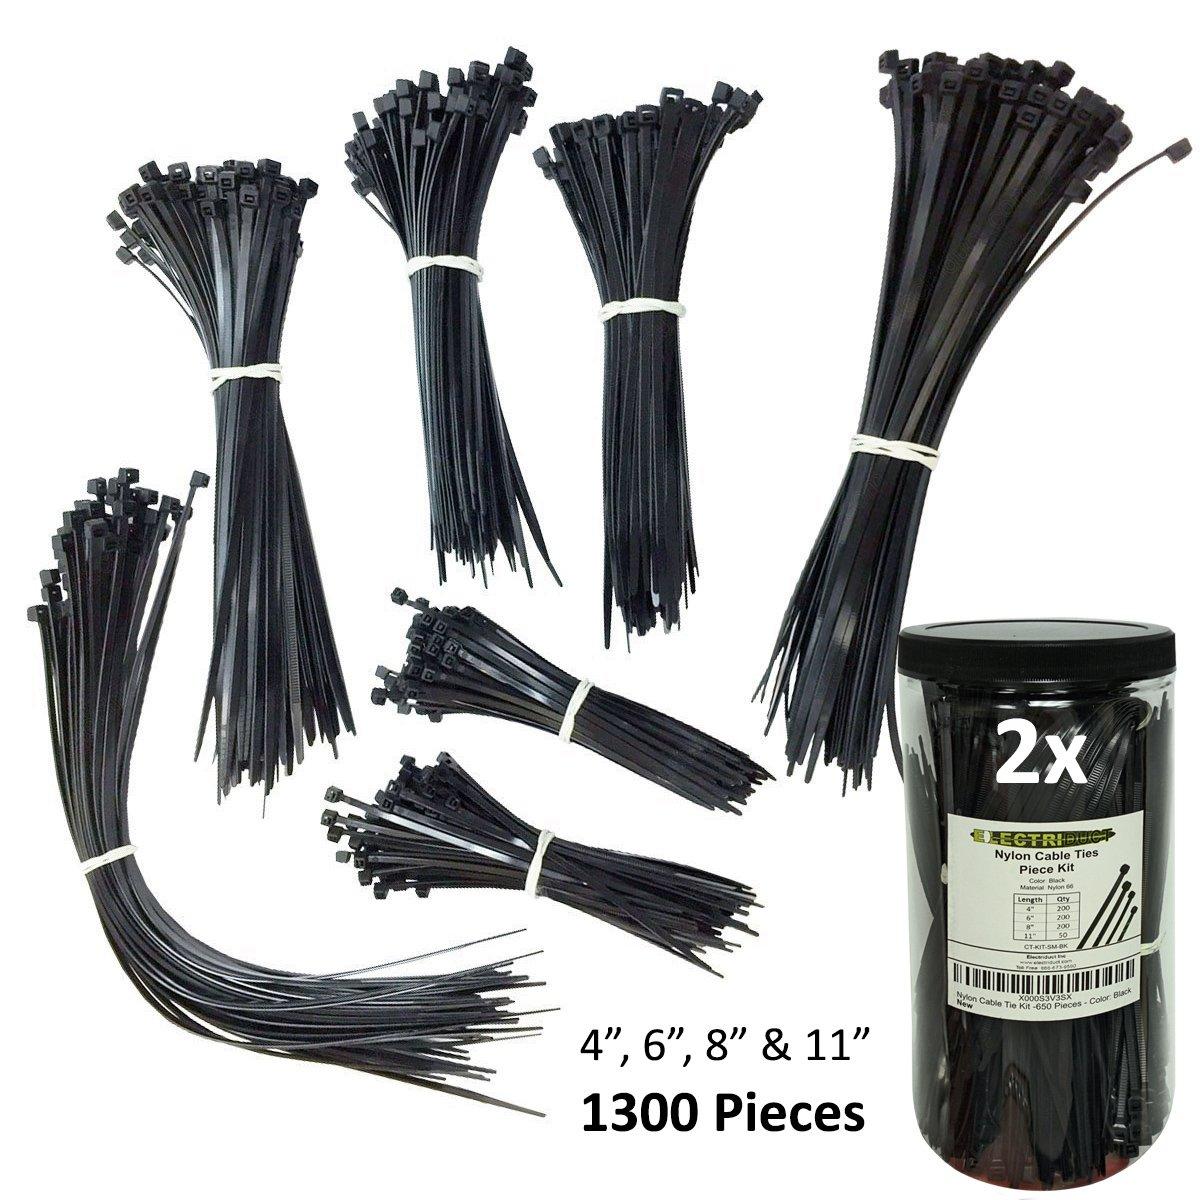 Nylon Cable Tie Kit - 650 Pieces - Multi Color (Blue, Red, Green, Yellow, Fuchsia, Orange, Gray, Purple) - Assorted Lengths 4', 6', 8', 11' Purple) - Assorted Lengths 4 6 8 11 Electriduct